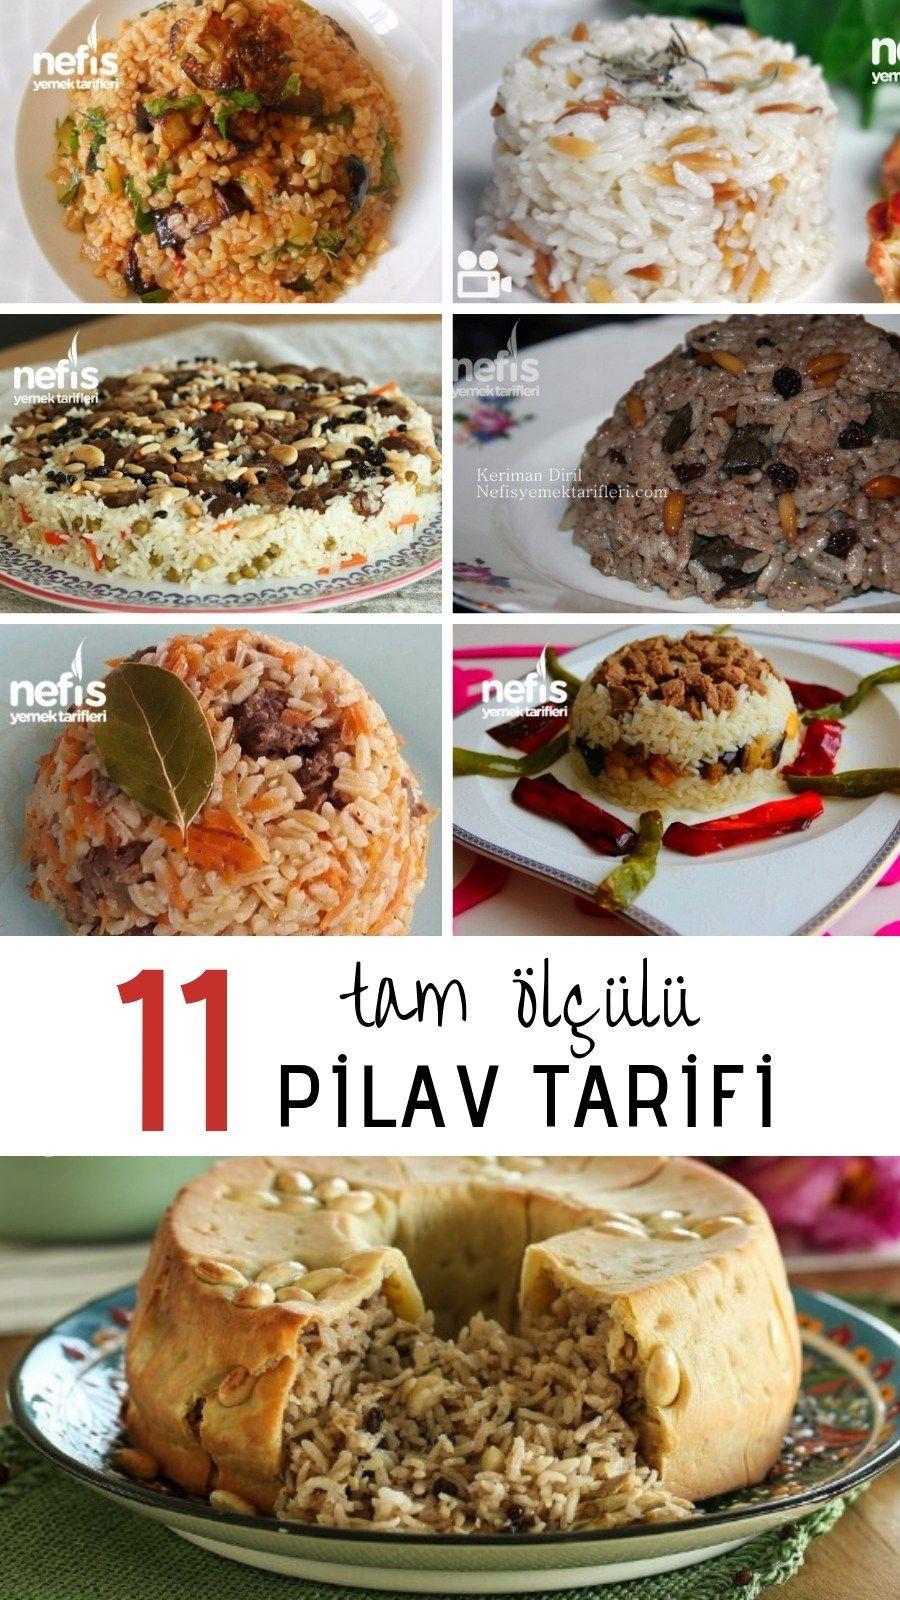 İftar İçin Tam Ölçülü 11 Farklı Pilav Tarifi - Nefis Yemek Tarifleri